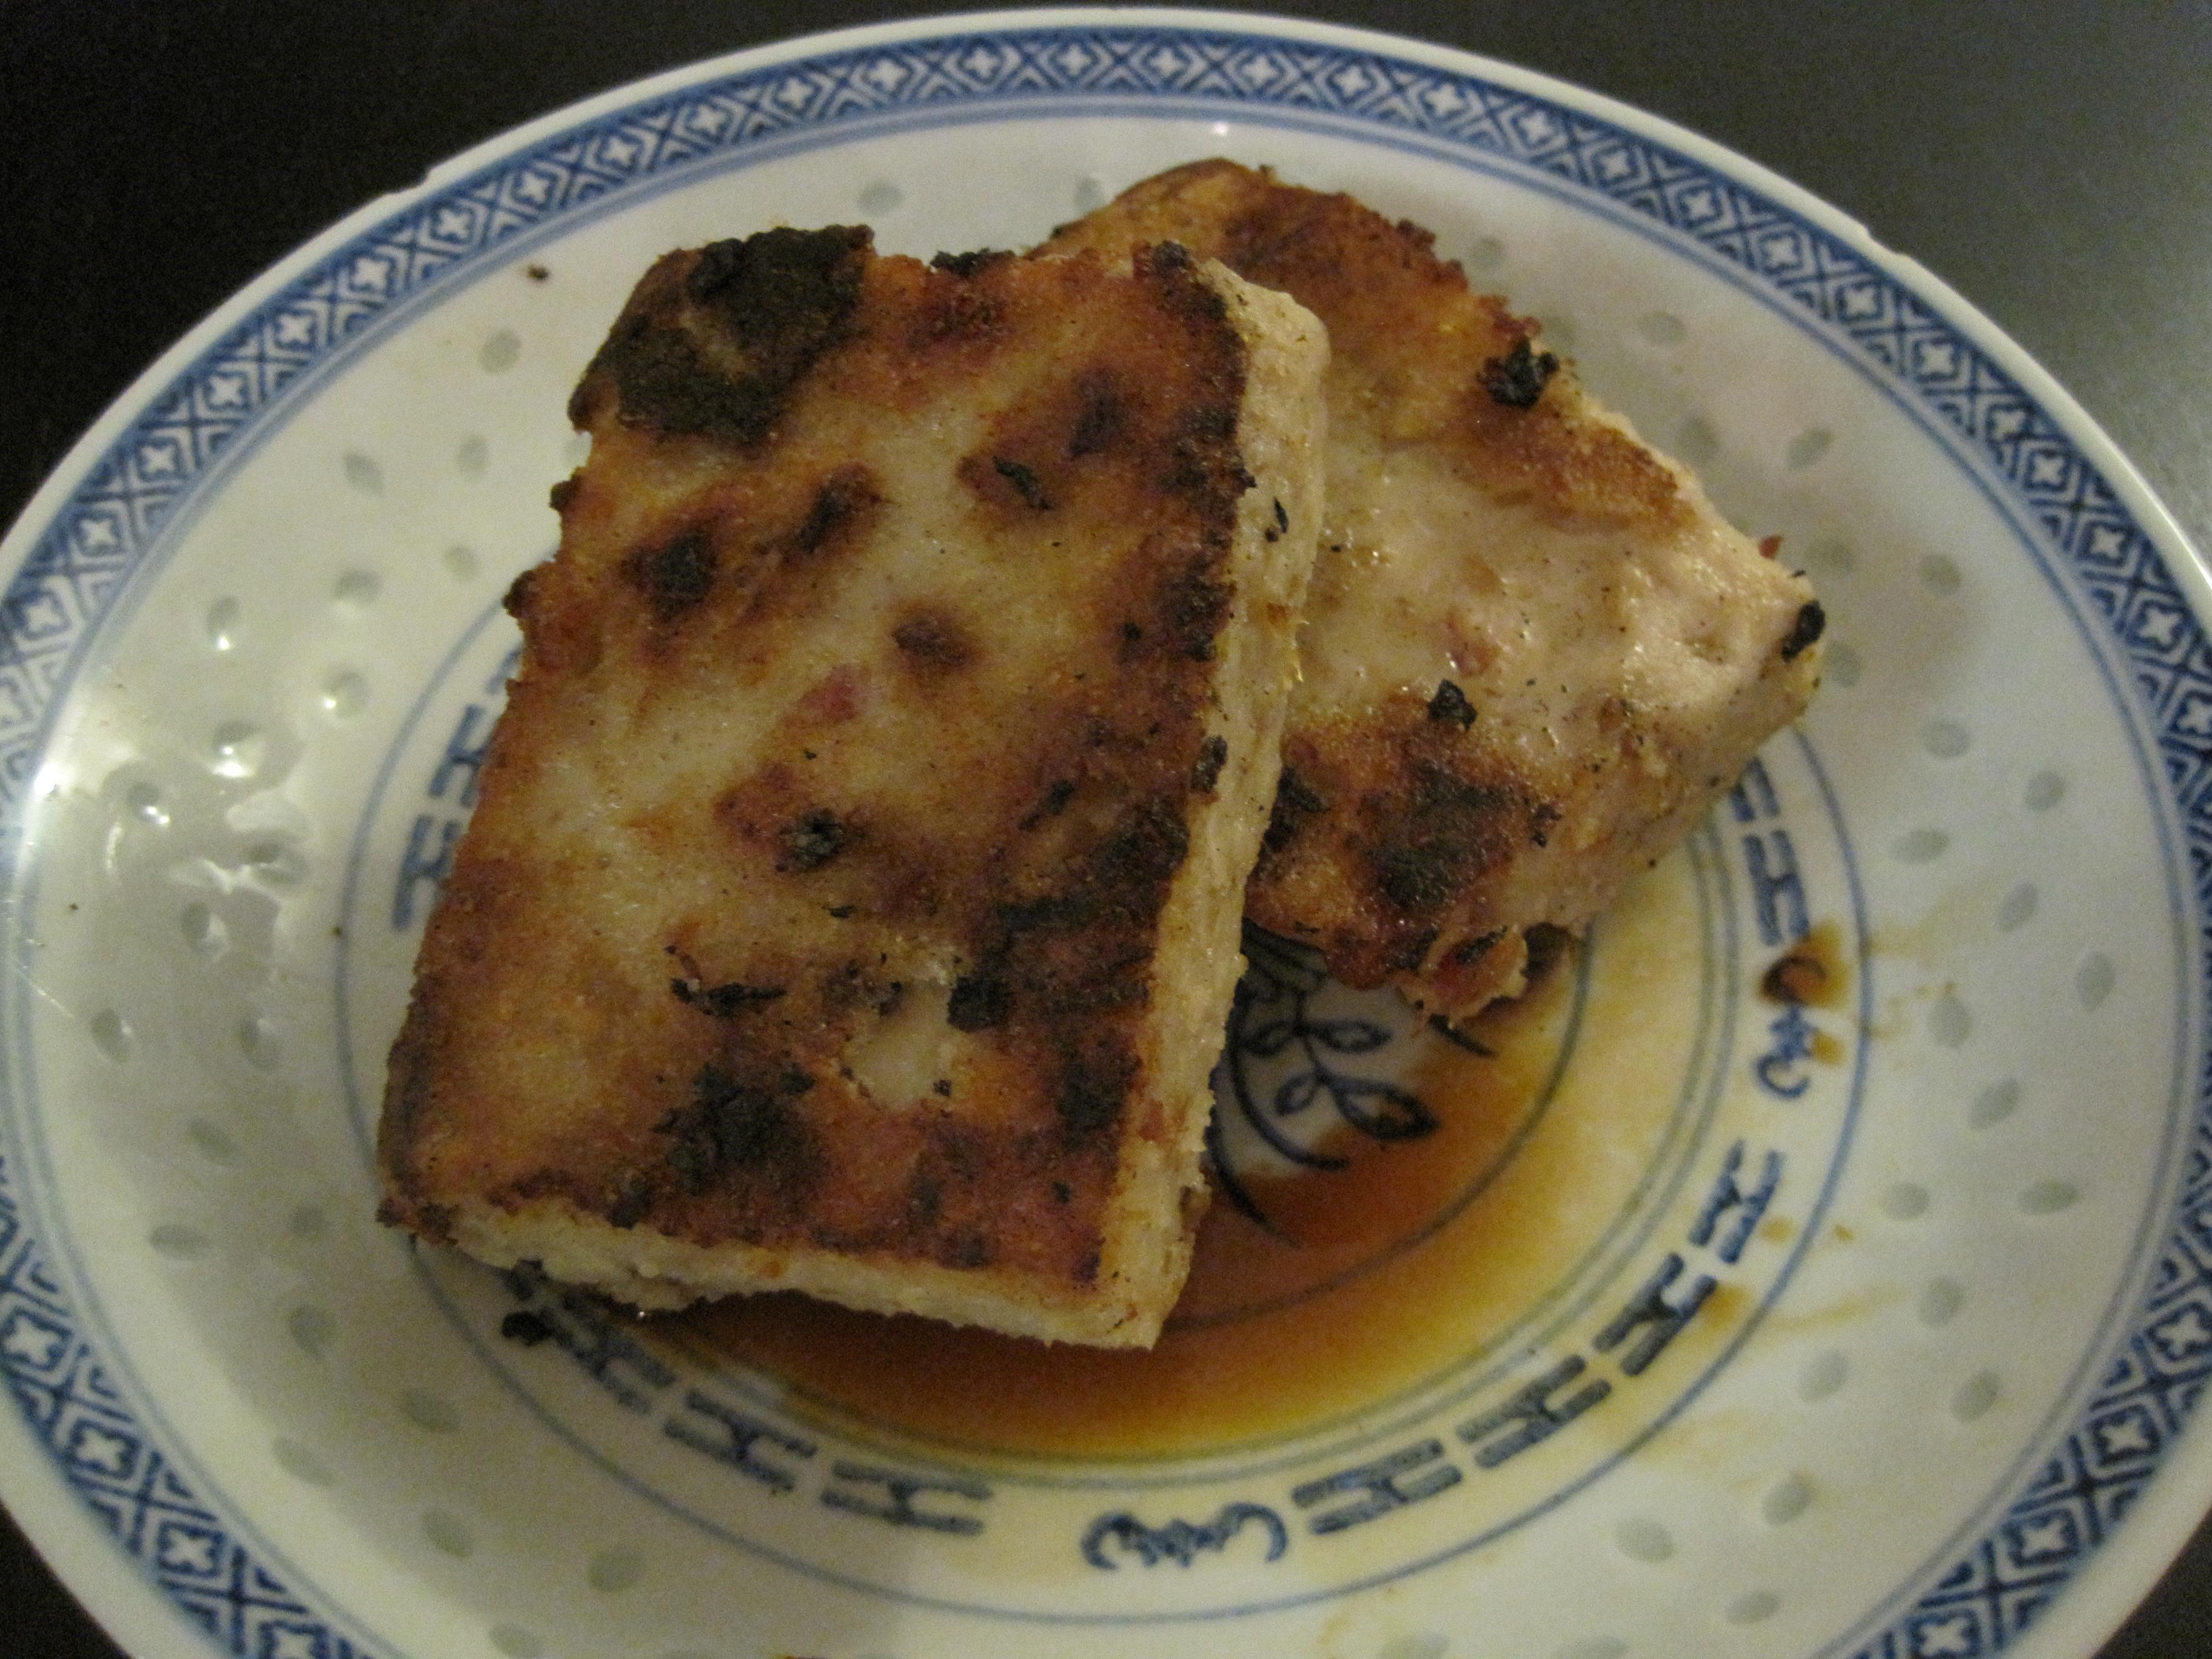 Pan Fried Taro Cake Recipe